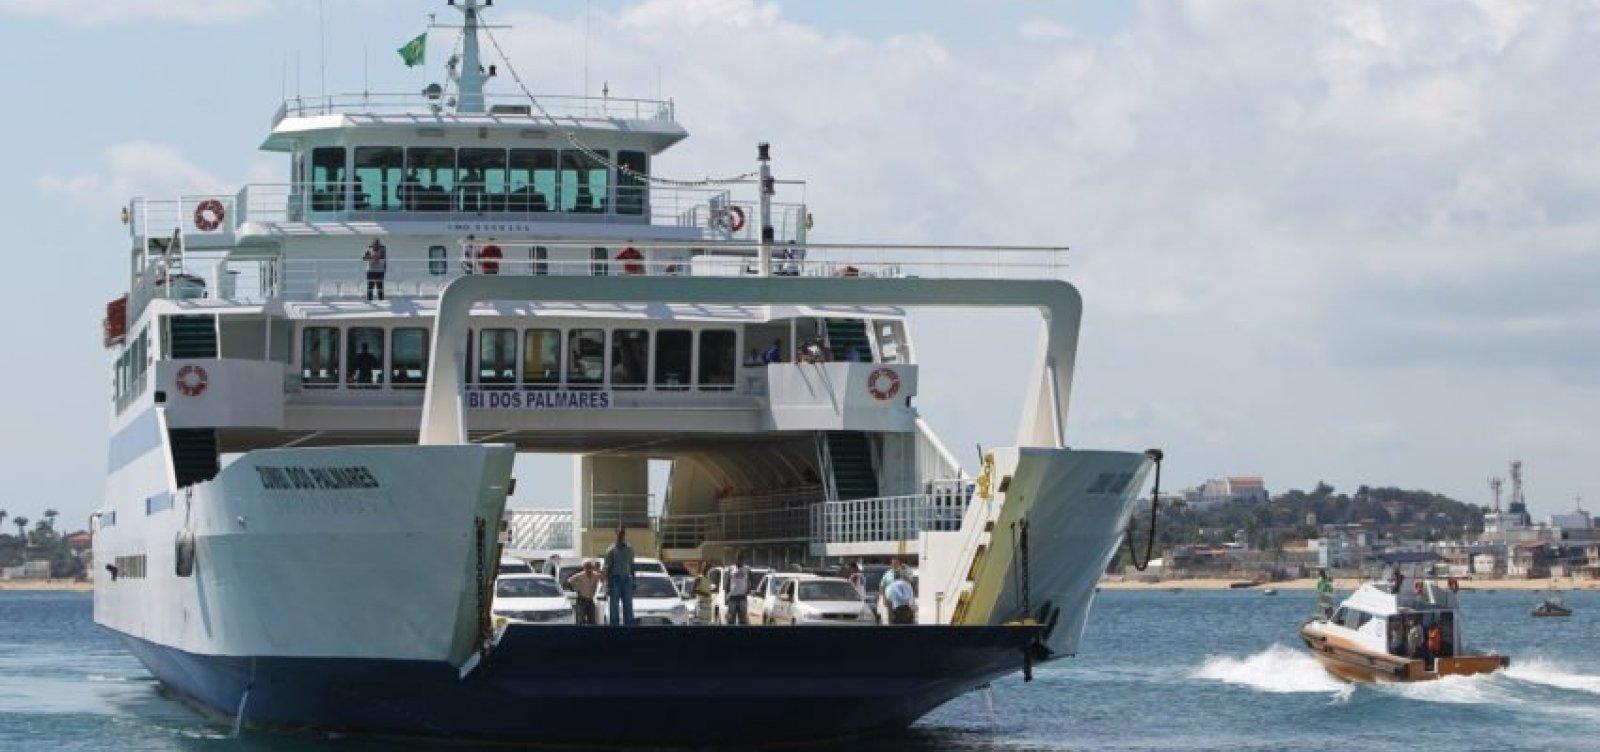 Ferry-Boat: travessia de ônibus e caminhões fica suspensa na Semana Santa